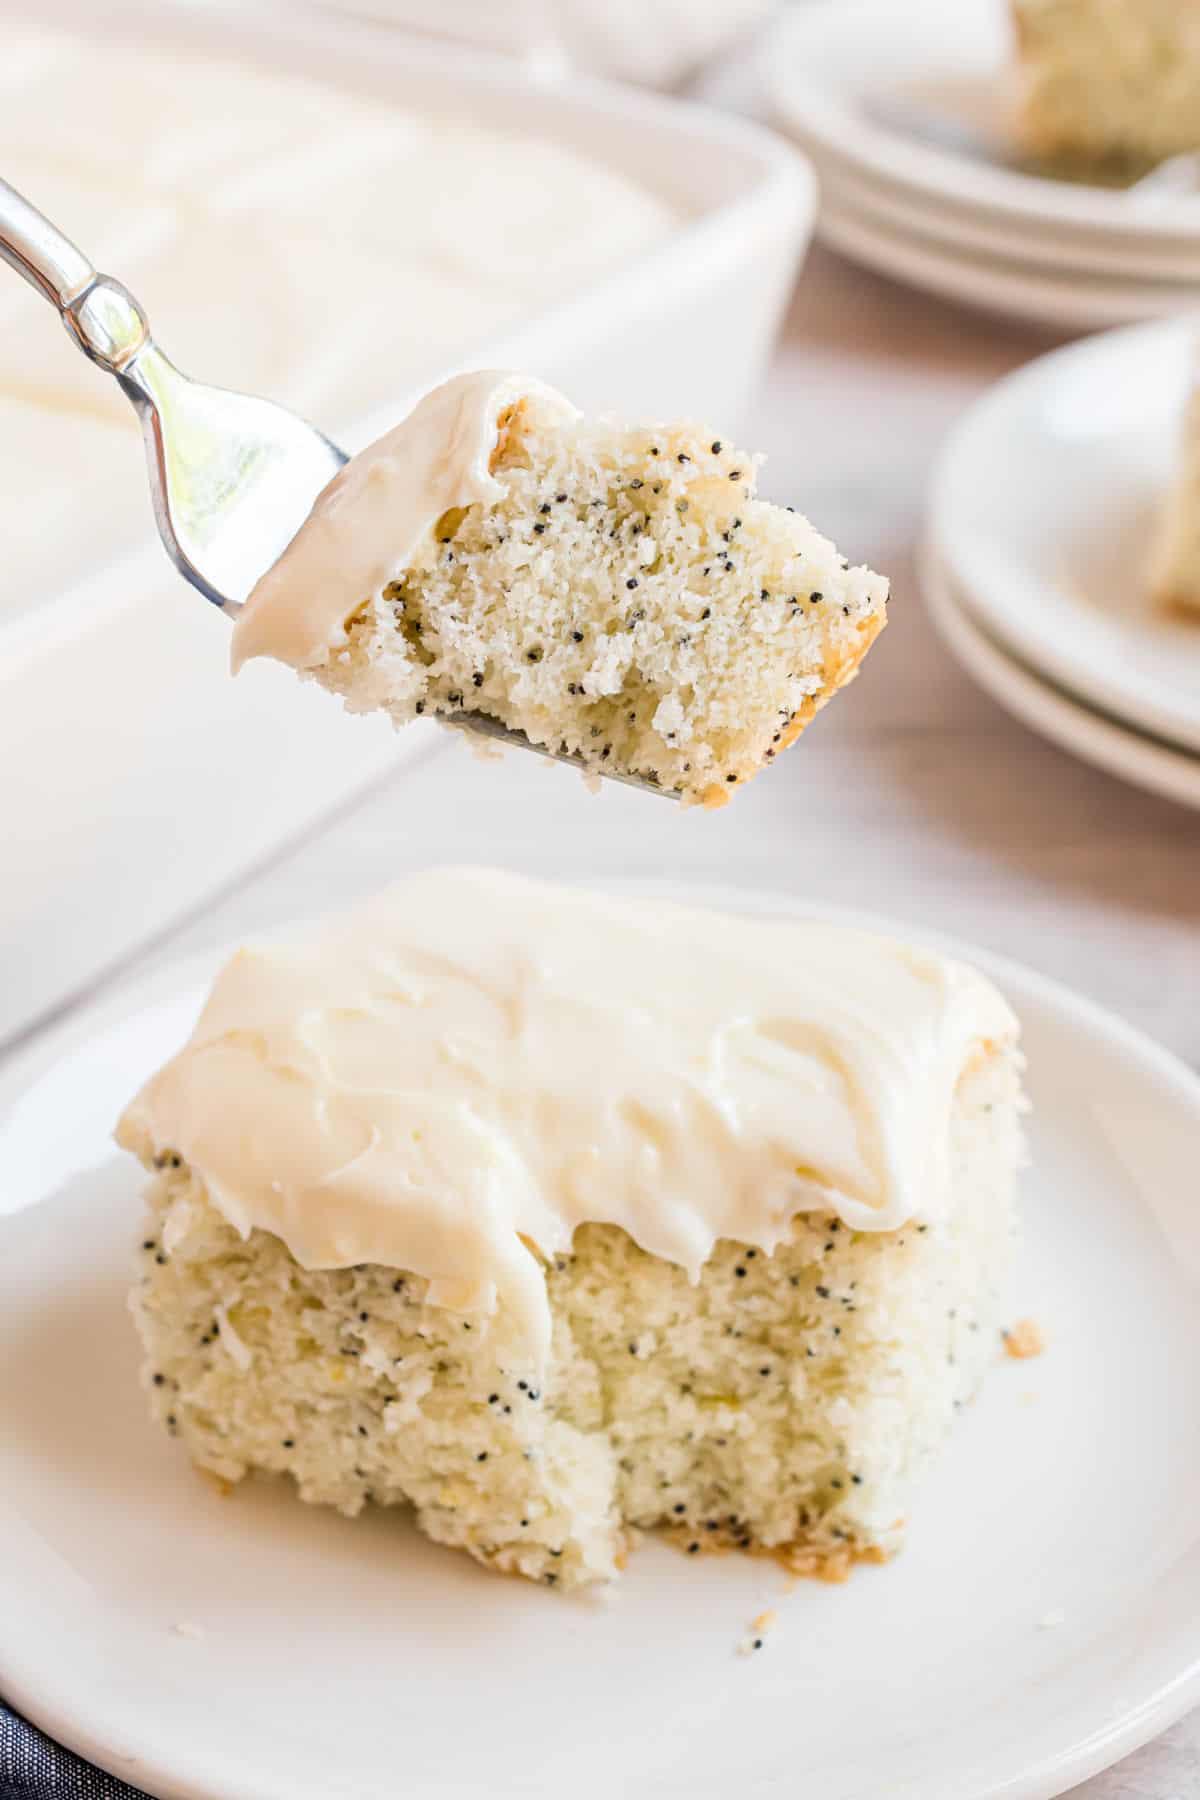 Forkful of lemon cake being taken from slice.